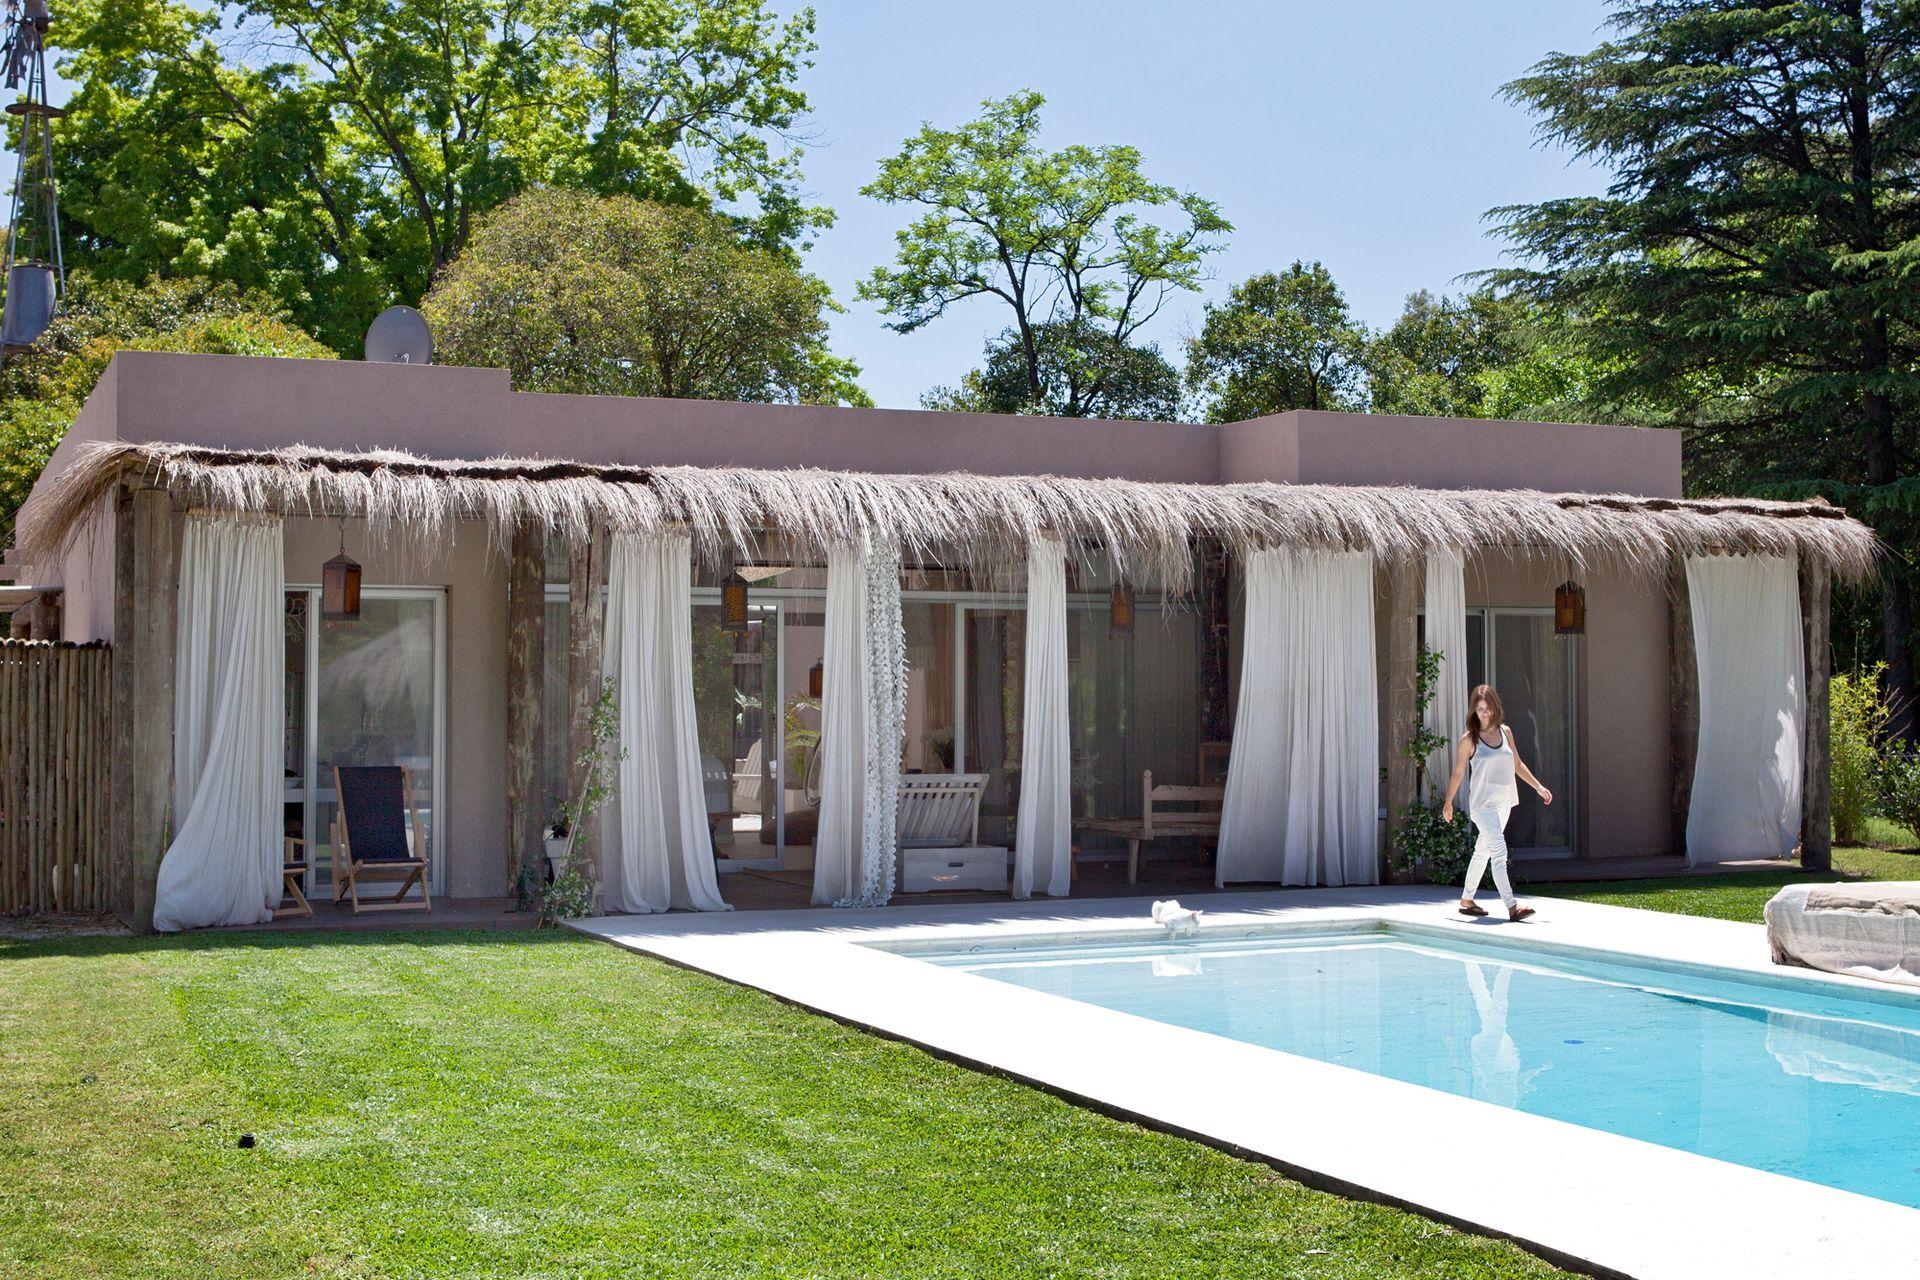 La galería de Florencia Pichon Rivière, creadora de Tiki House, está protegida por un techo de cañas y cortinas de lino.